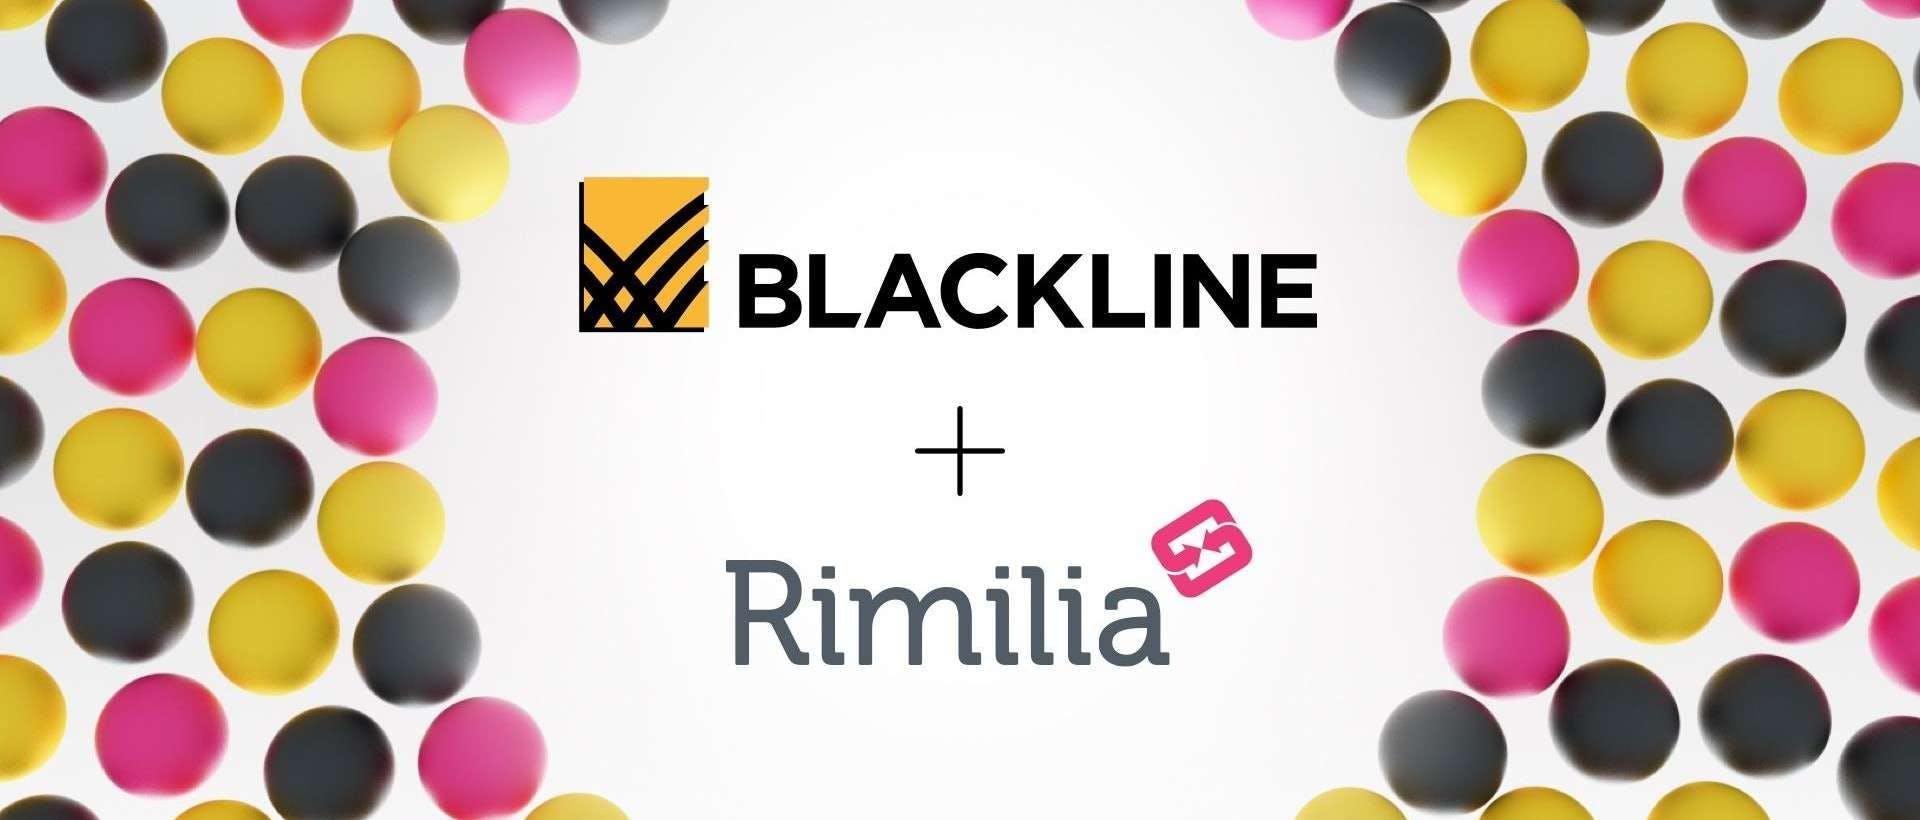 BlackLine + Rimimia